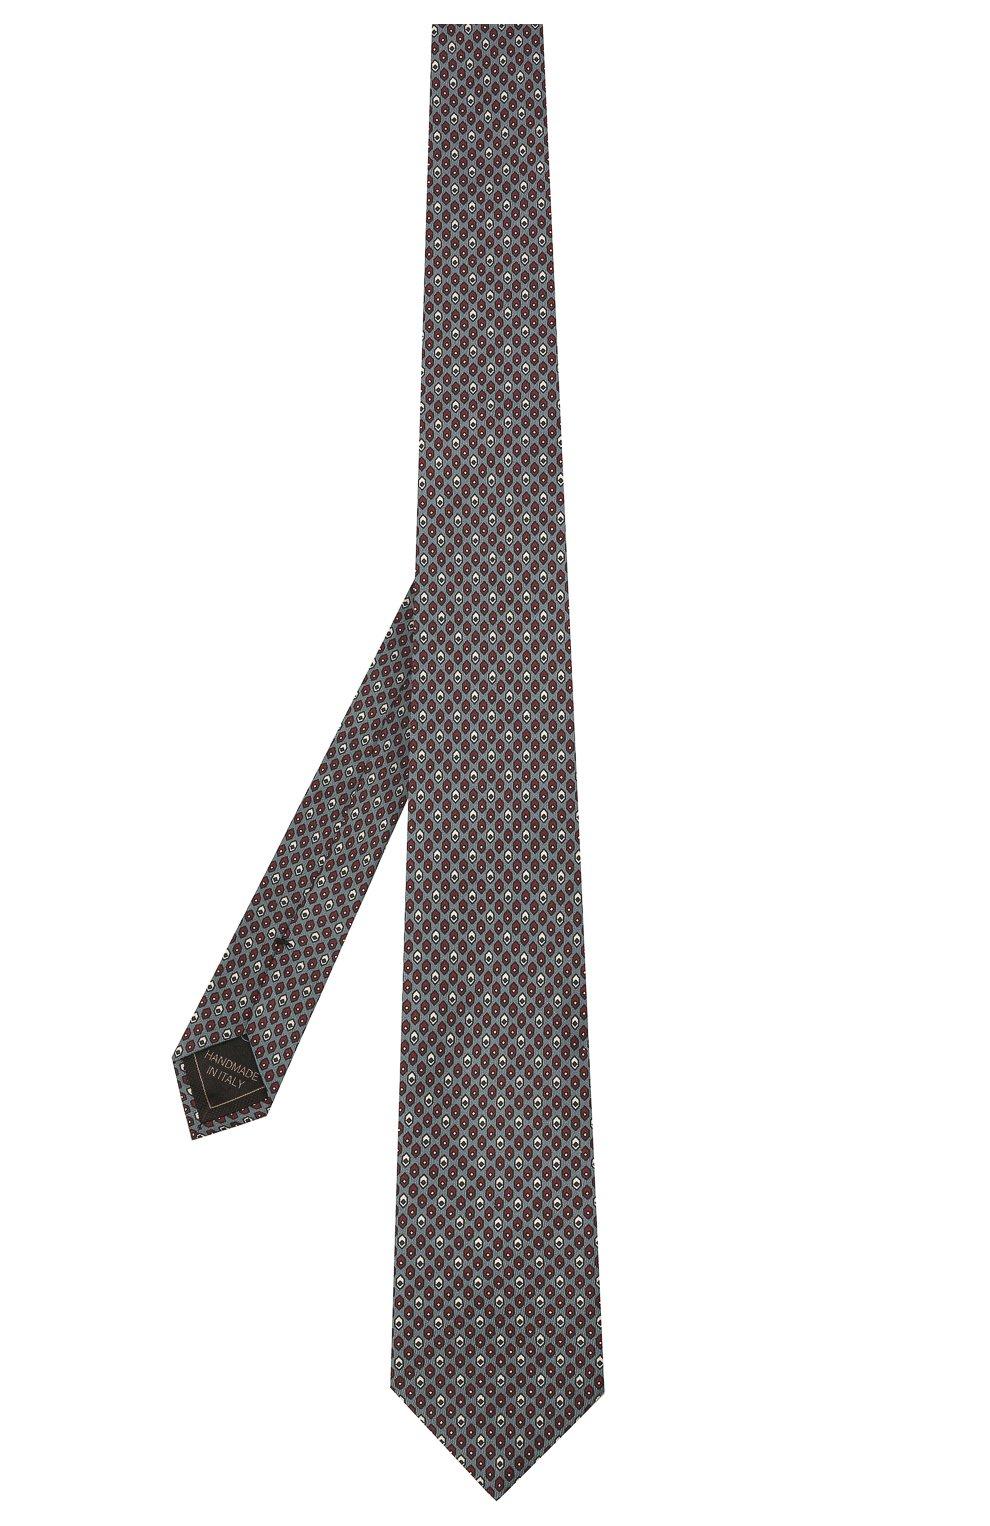 Мужской комплект из галстука и платка BRIONI серо-голубого цвета, арт. 08A900/01486 | Фото 2 (Материал: Текстиль, Шелк)